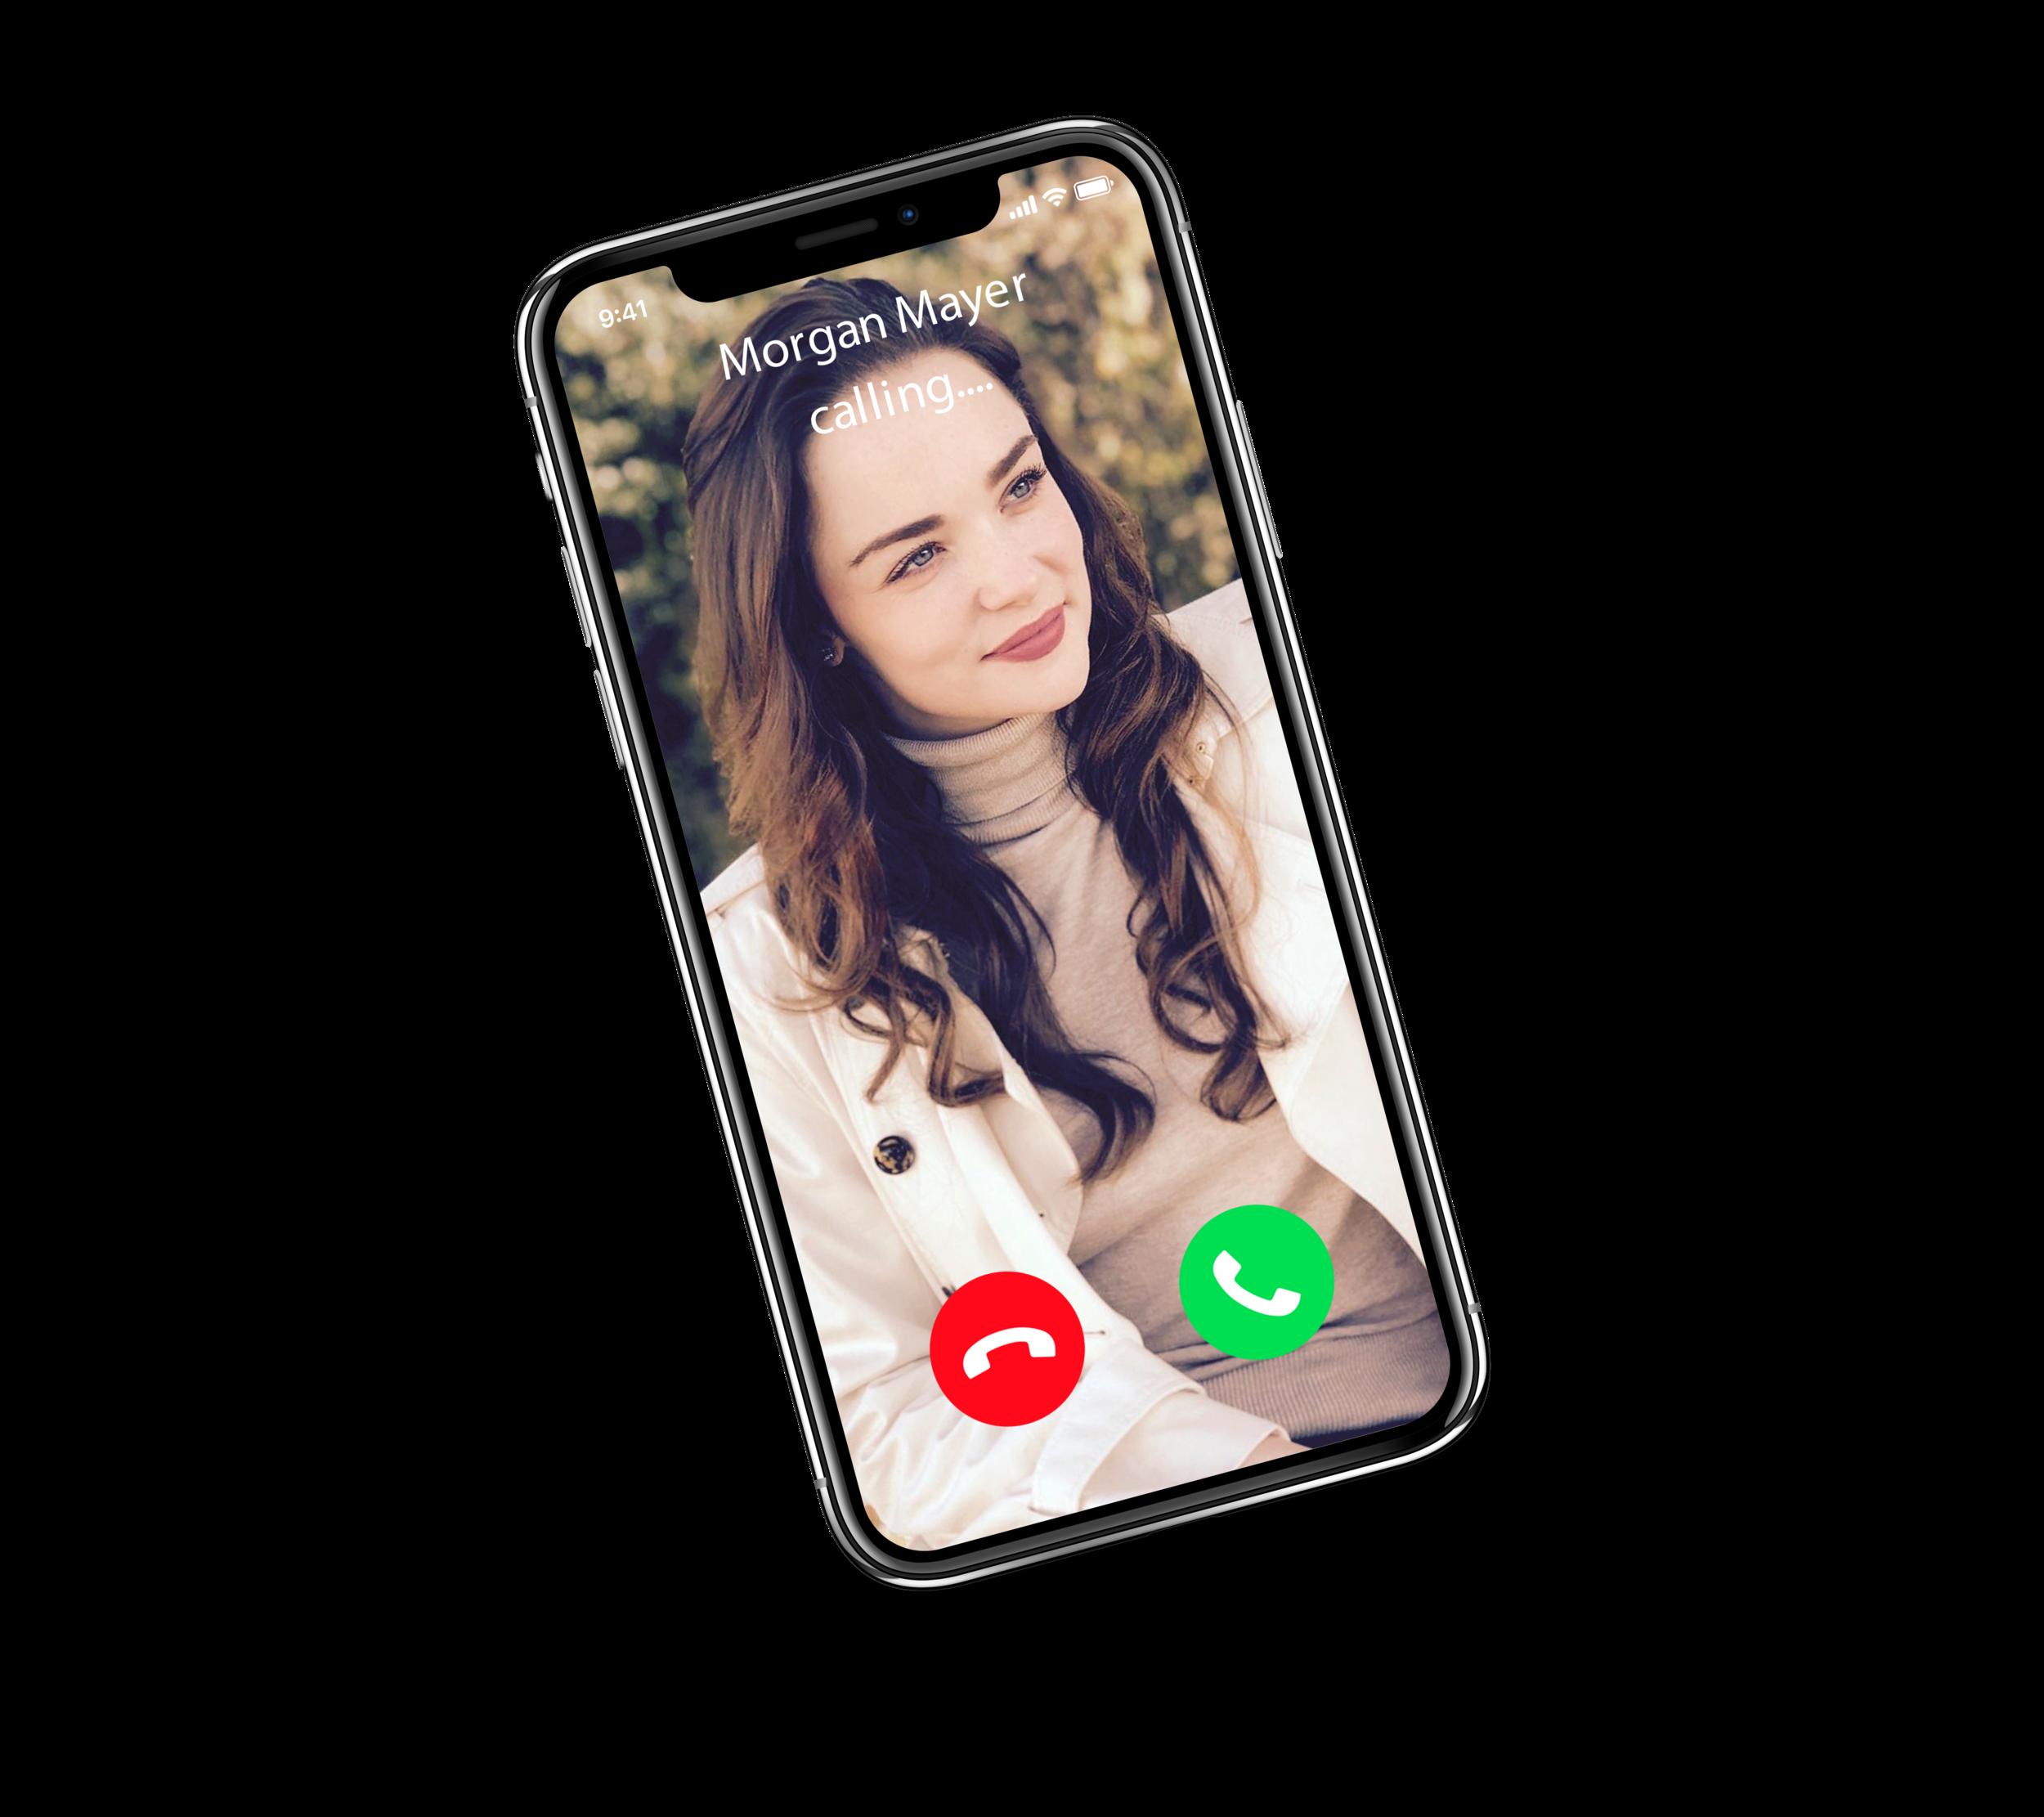 Morgan iPhone-X-Mockup2.png